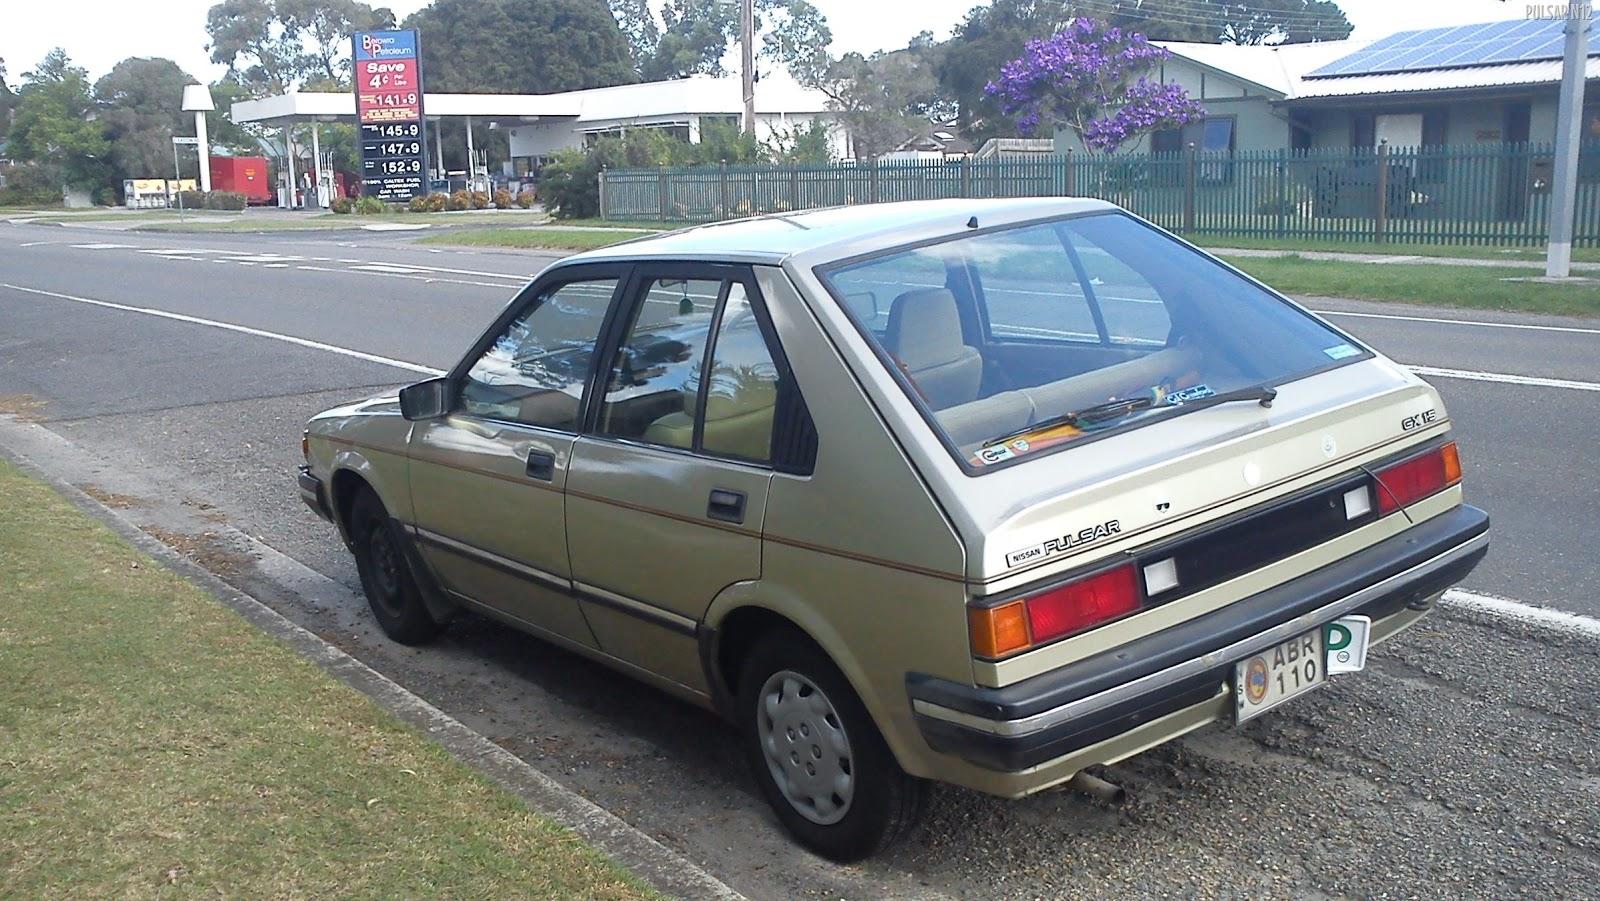 [1985_Nissan_Pulsar_%28N12_S3%29_GX_5-door_hatchback_%282011-04-04%29_02%5B14%5D]